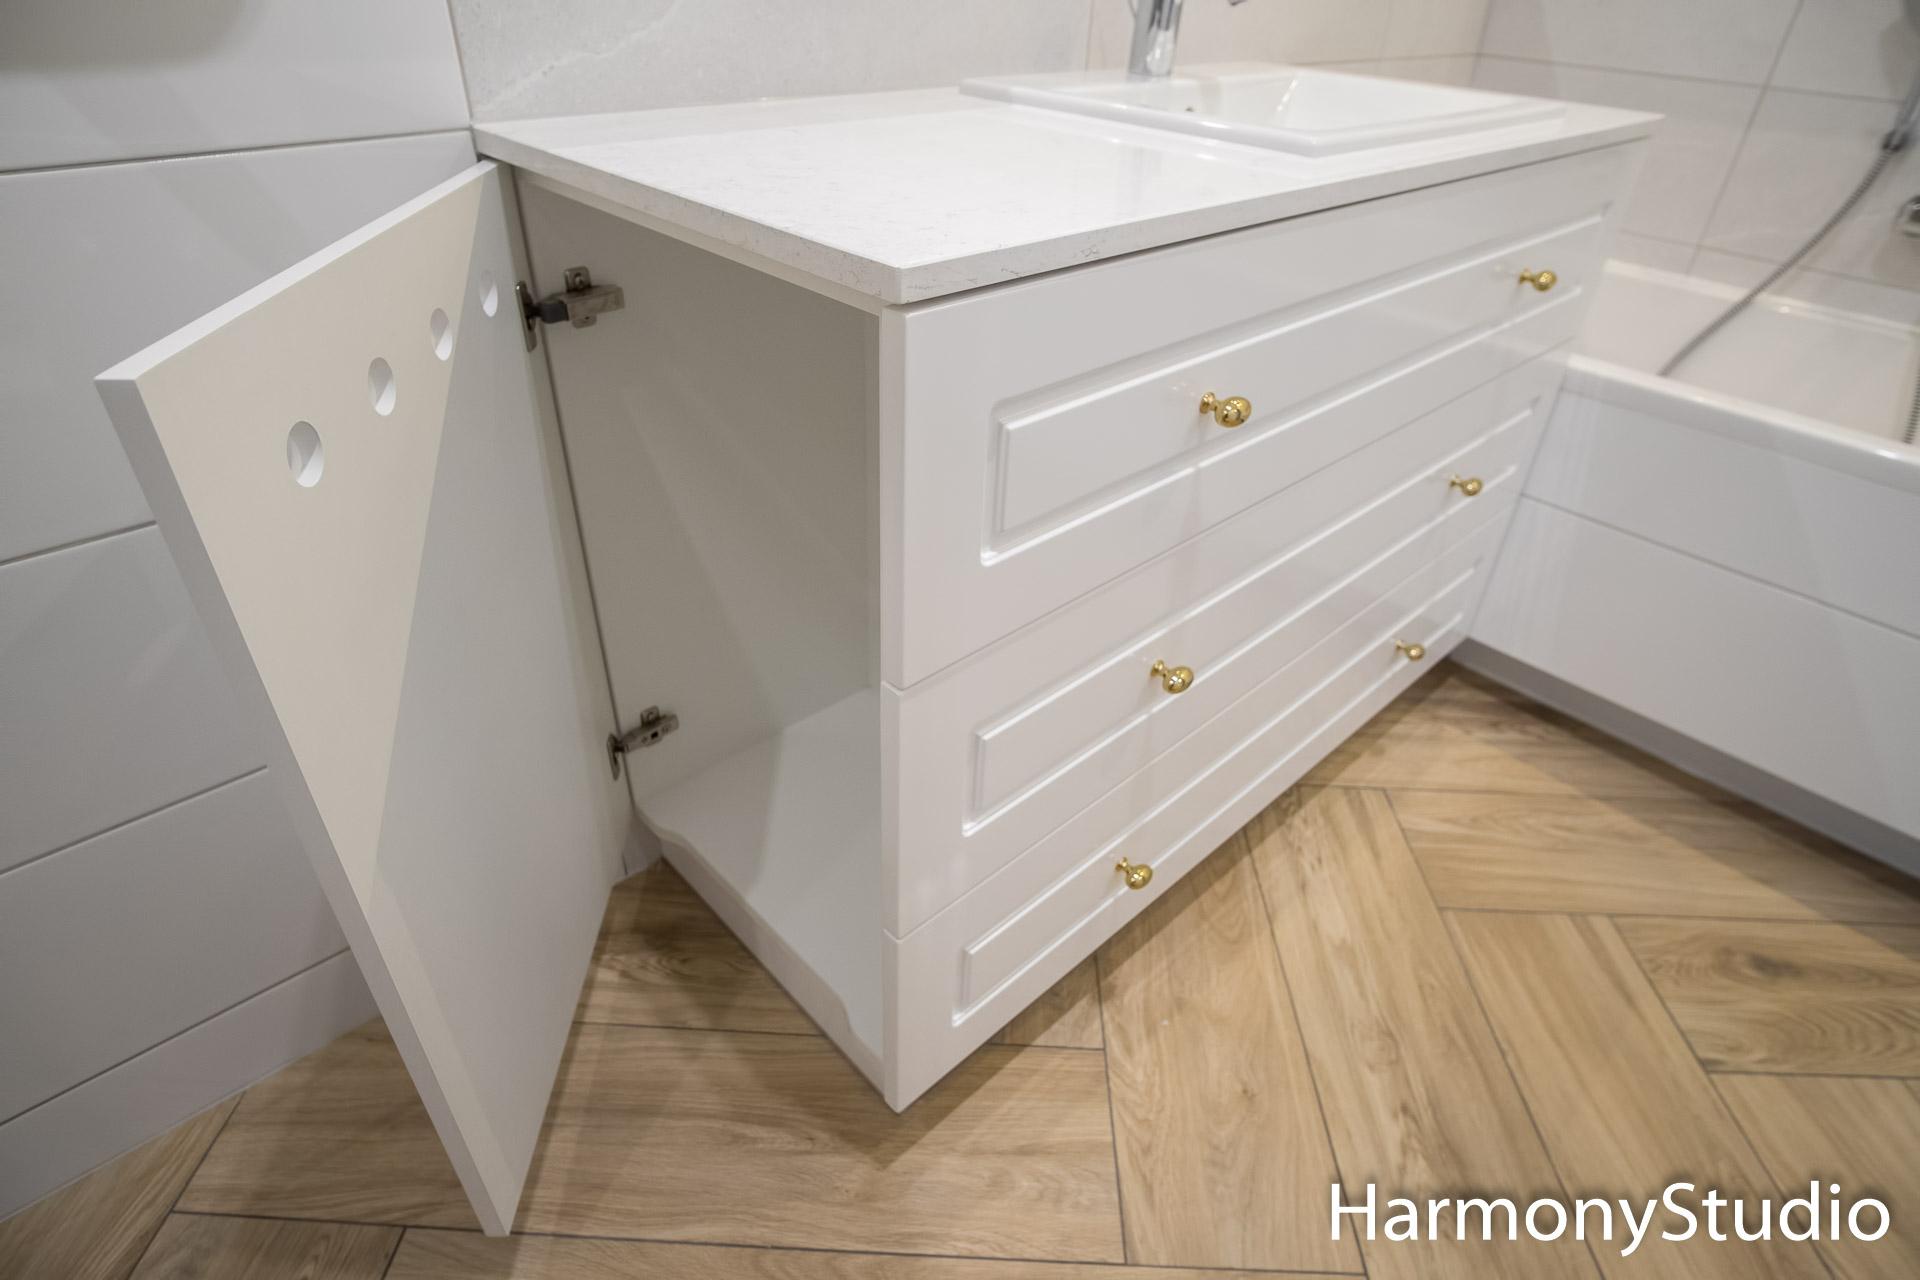 łazienki Harmony Studio